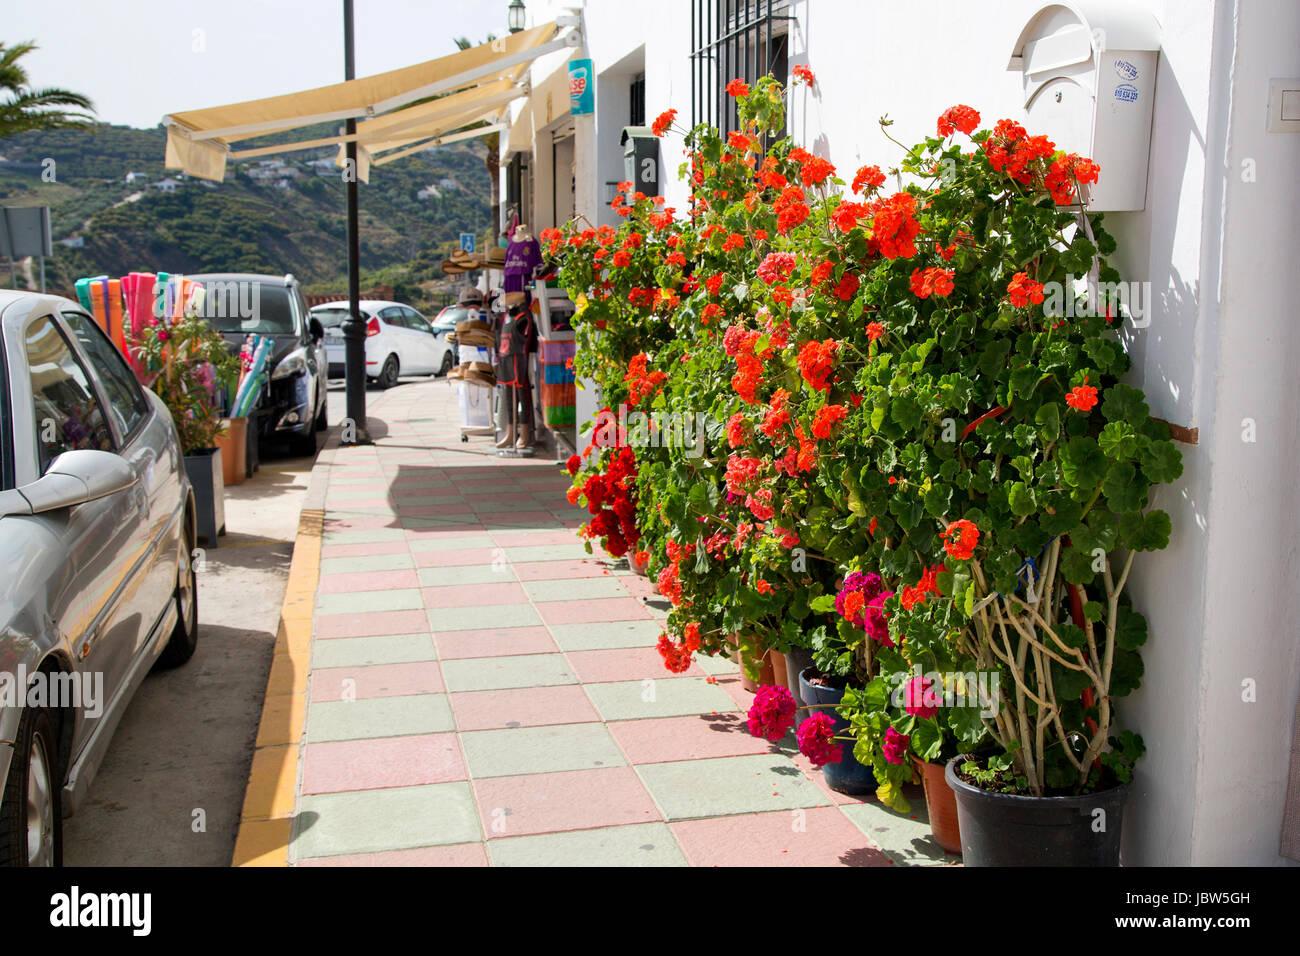 A street scene on Ave Carlos Cano, Frigiliana, Andalusia, Spain, Costa del Sol. - Stock Image